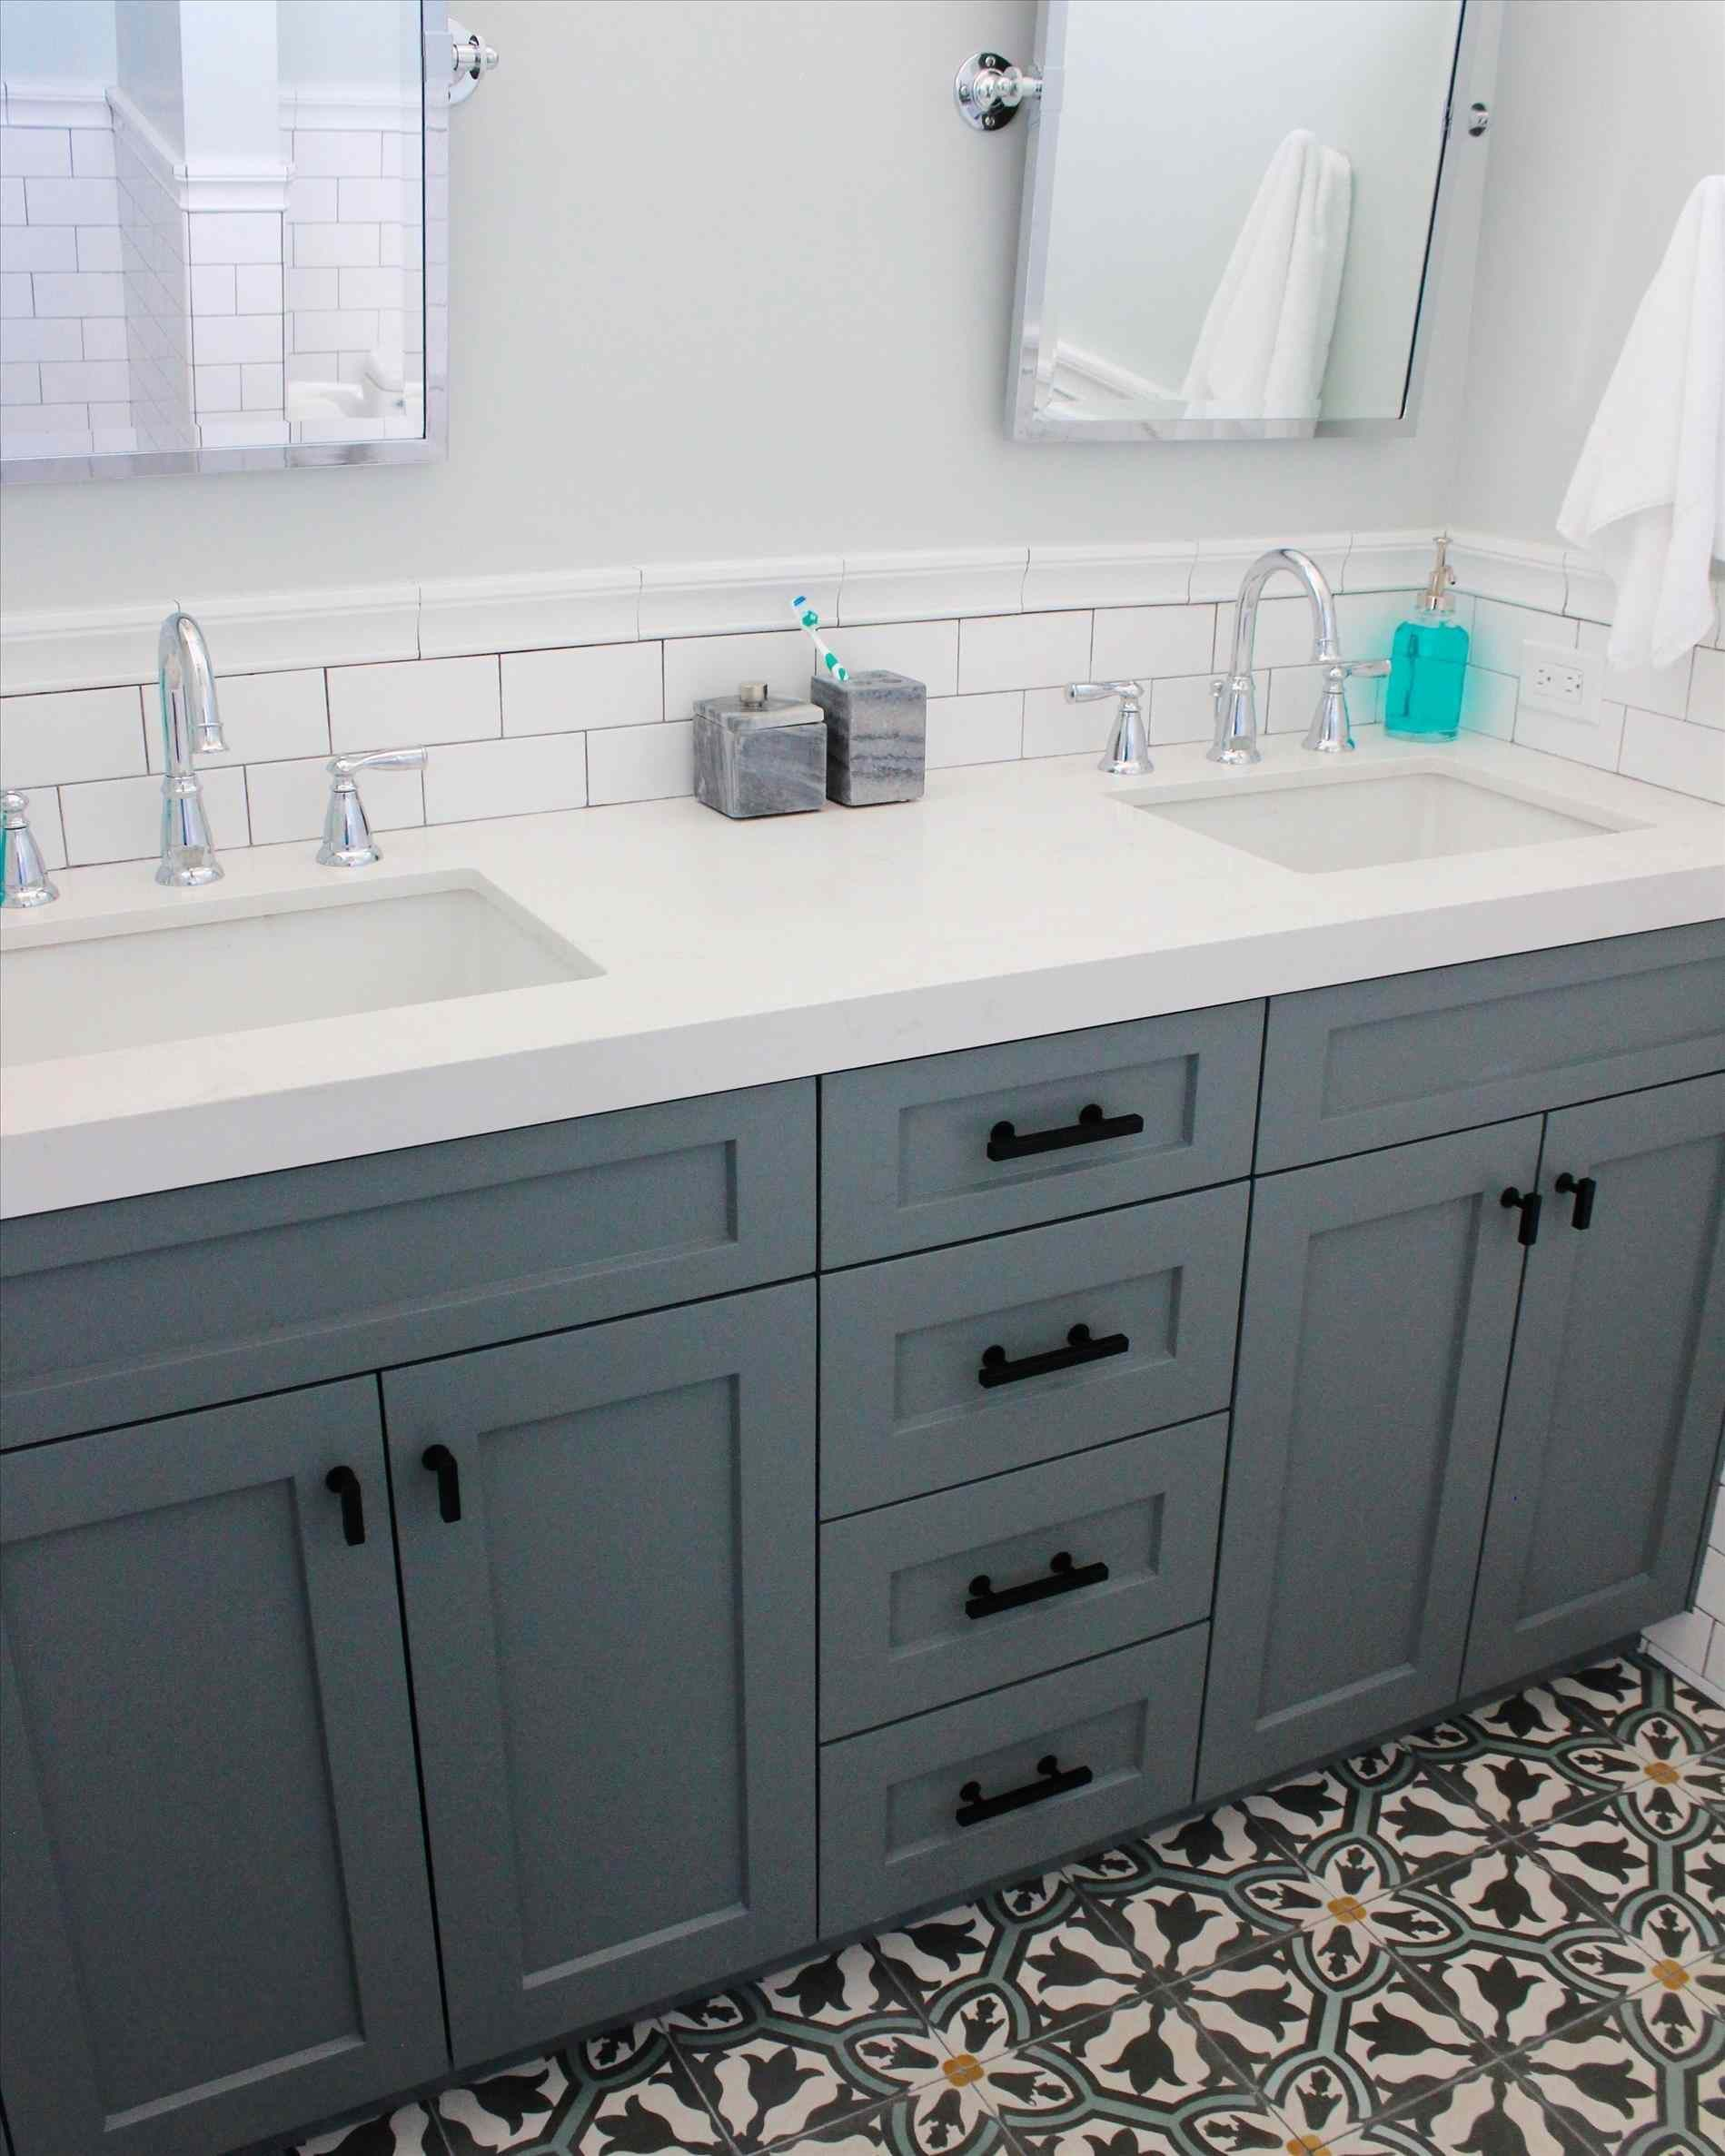 Water Leaking From Ceiling Under Bathroom | Blue vanity, White ...